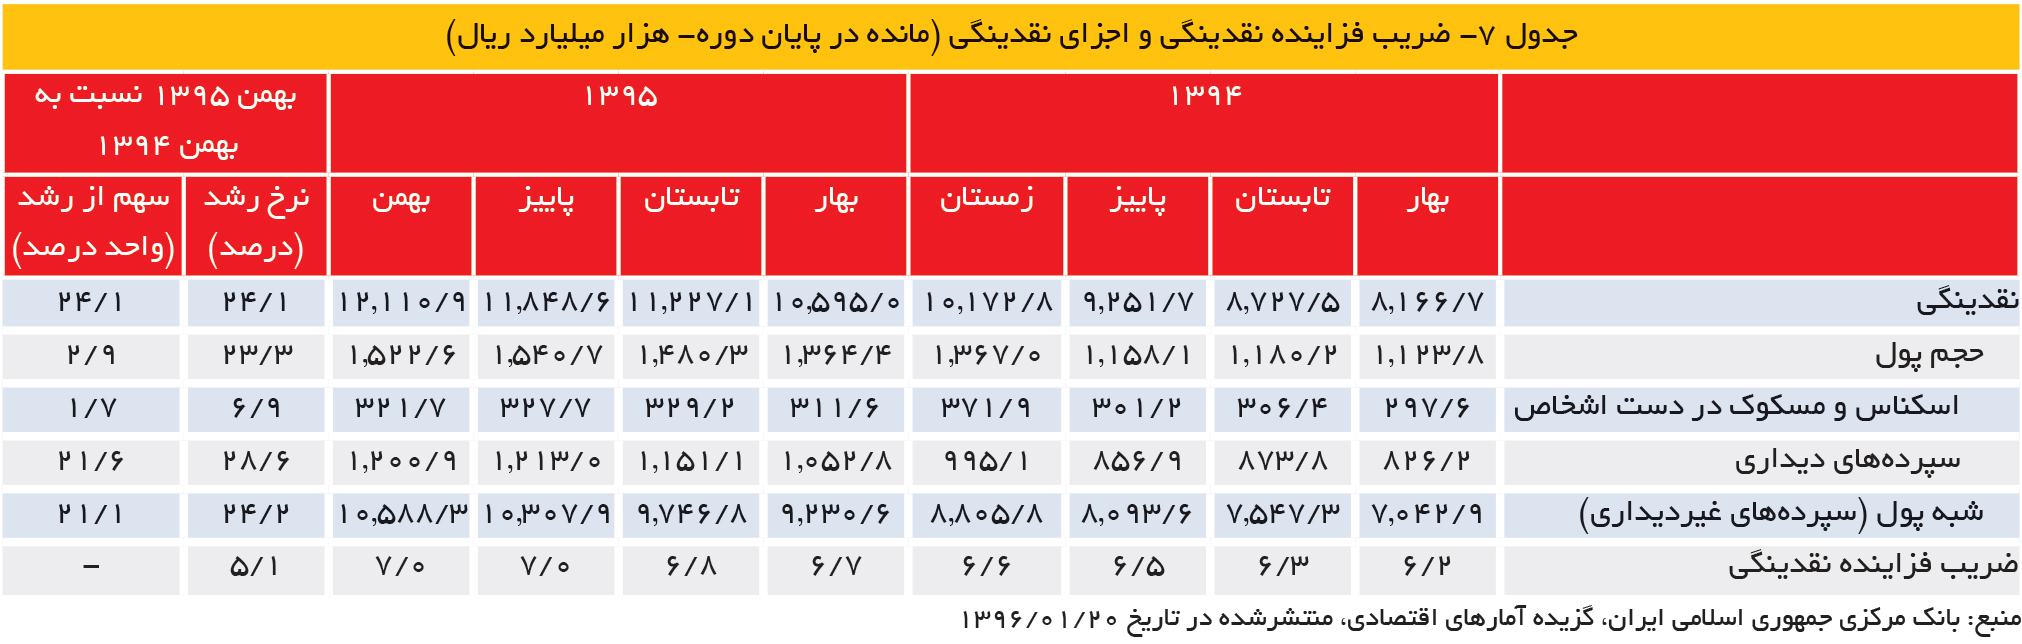 تجارت- فردا- جدول 7- ضریب فزاینده نقدینگی و اجزای نقدینگی (مانده در پایان دوره- هزار میلیارد ریال)